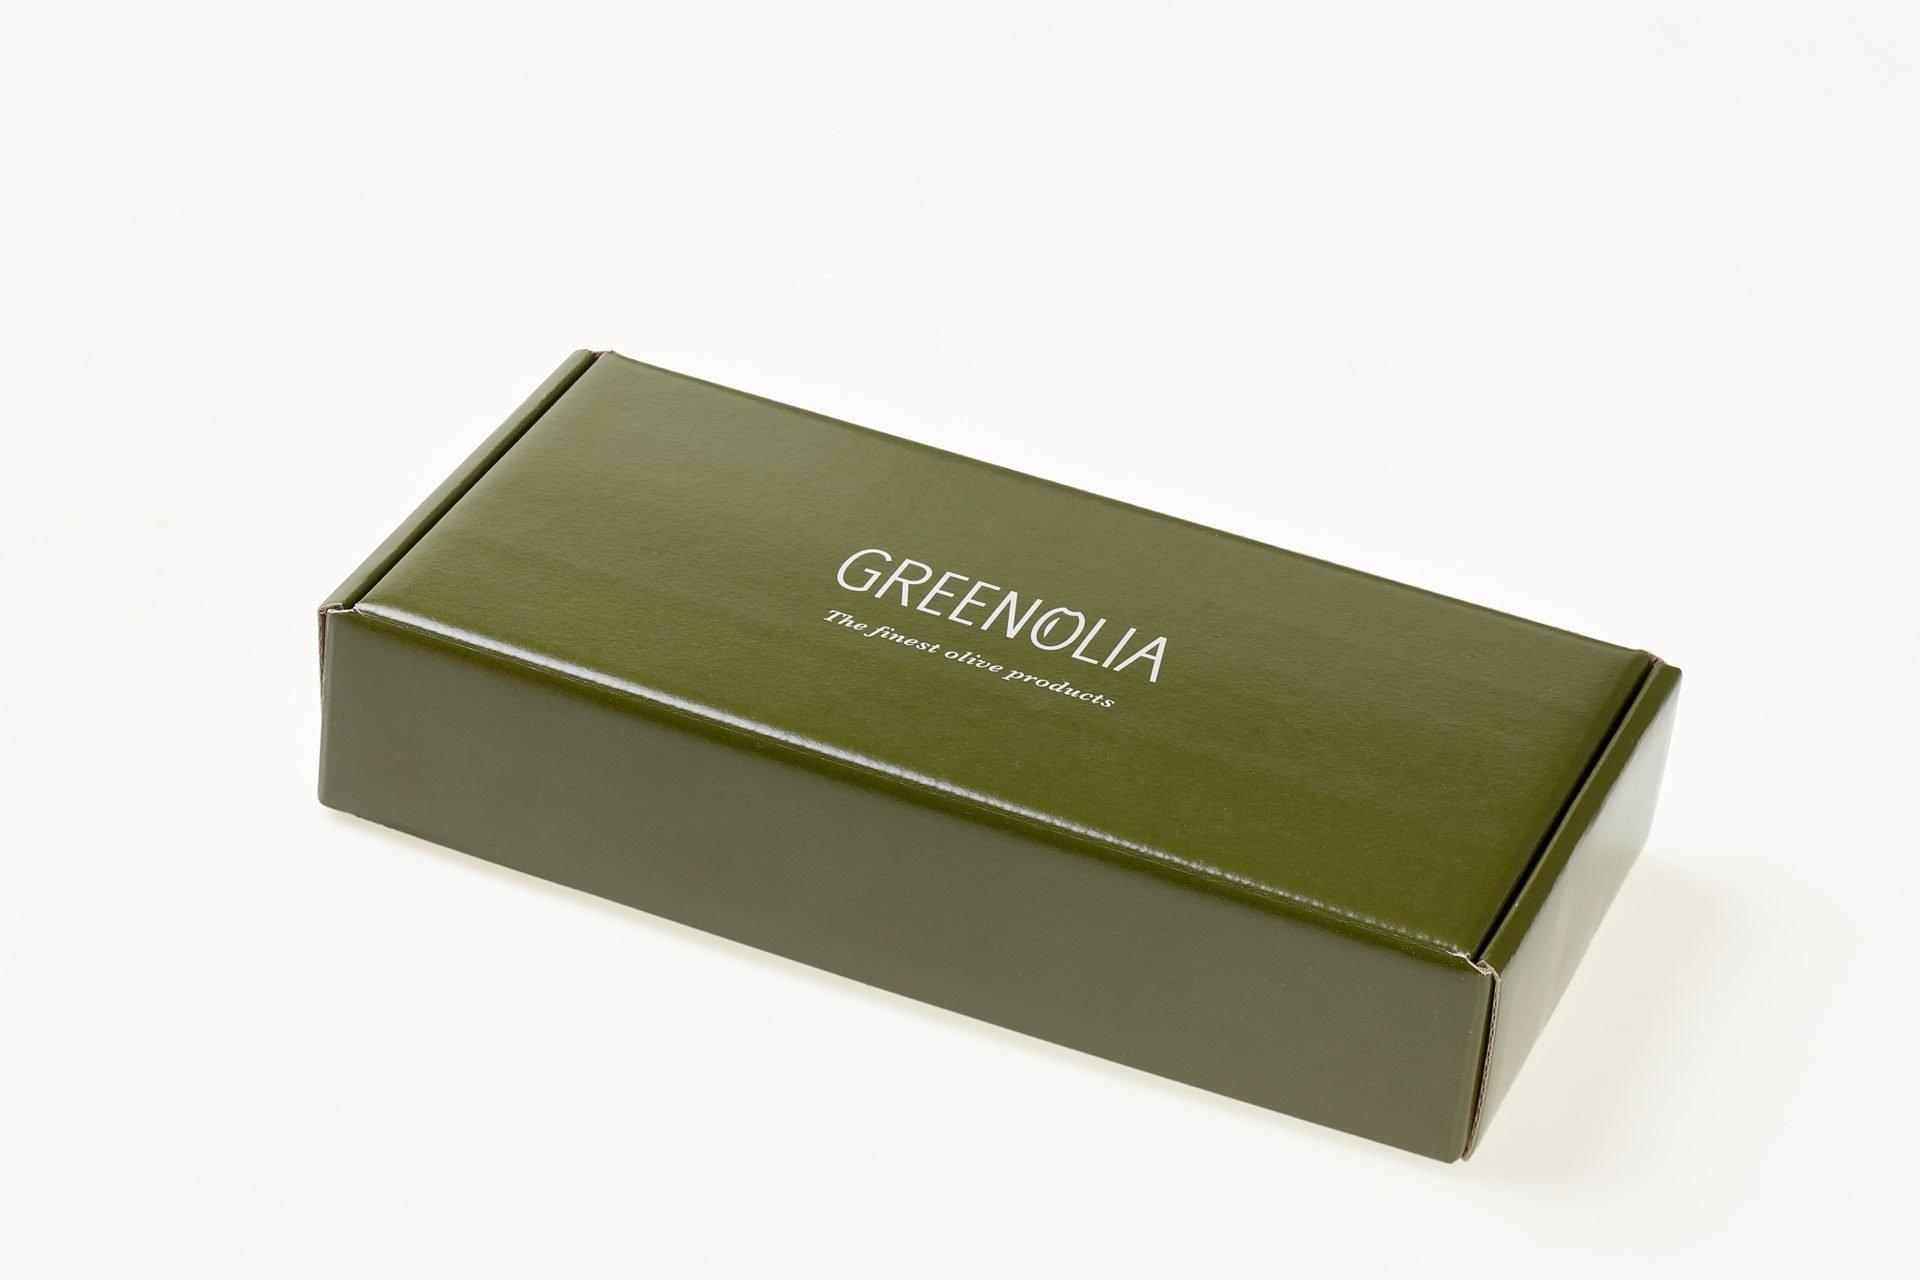 Χειροποίητα Σαπούνια 100g Greenolia - Κουτί Δώρου - Greenolia-κουτι